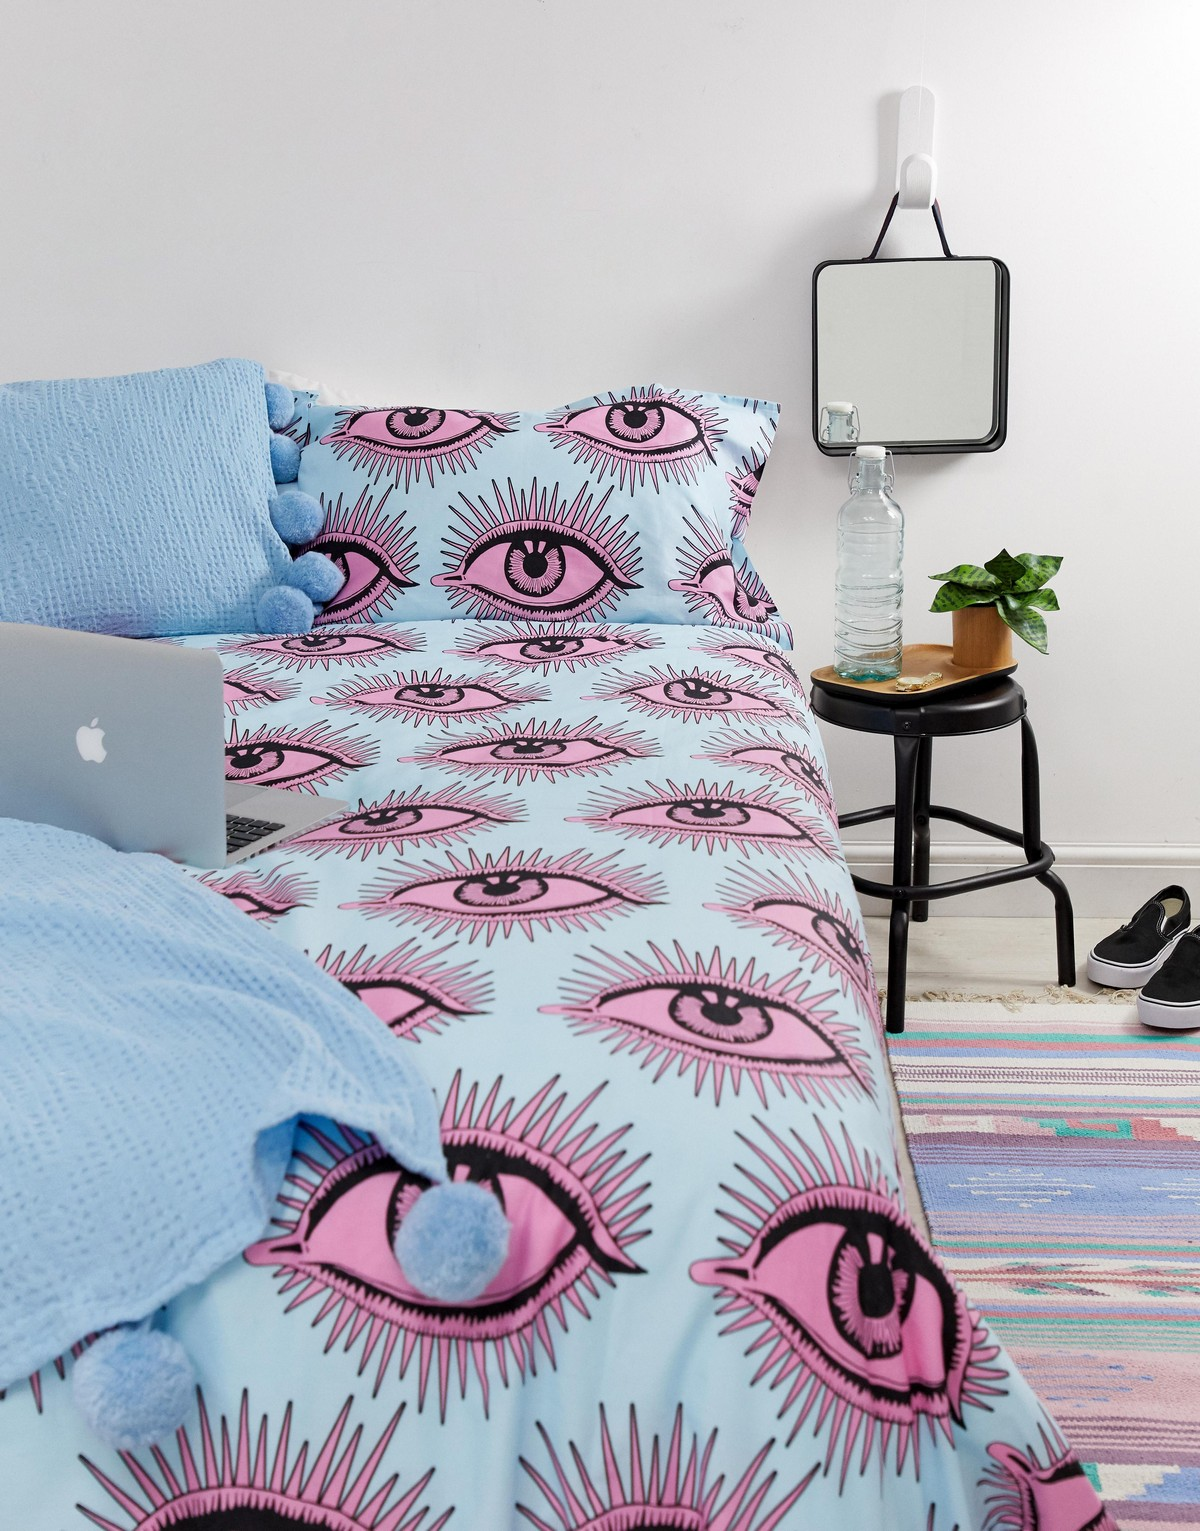 couette bleu rose chambre tabouret métal noir blog décoration intérieure